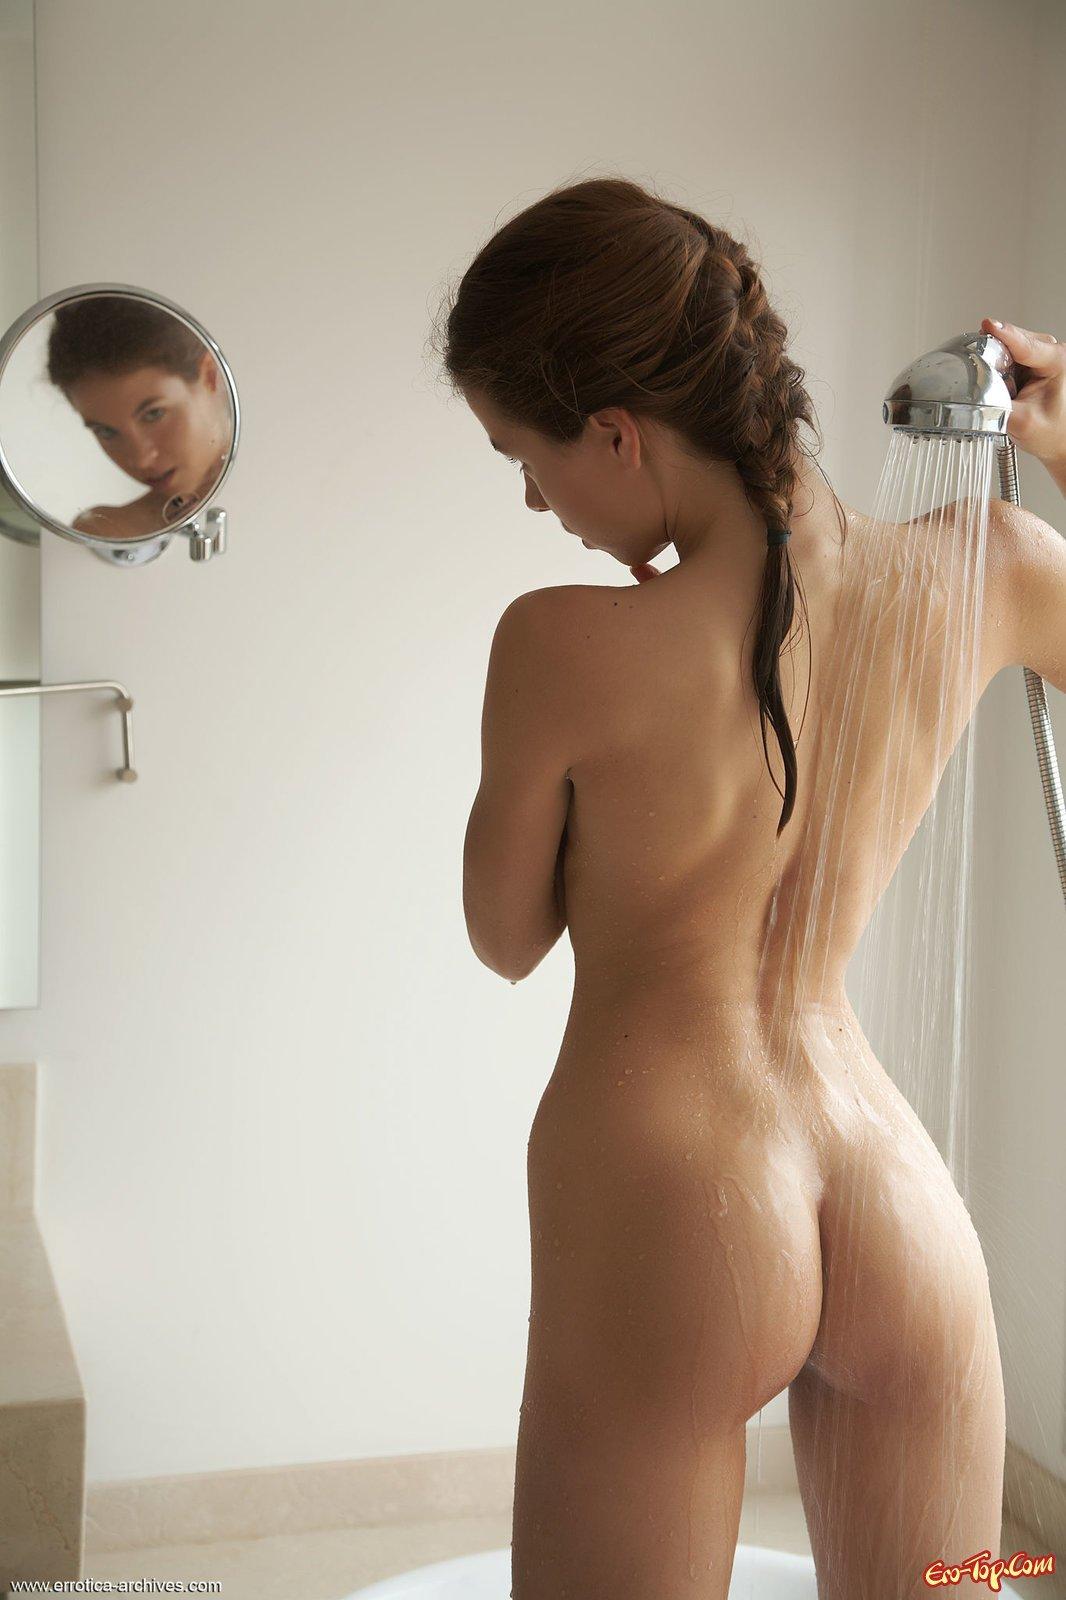 Раздетая сучка намочила писю и тело в ванной секс фото